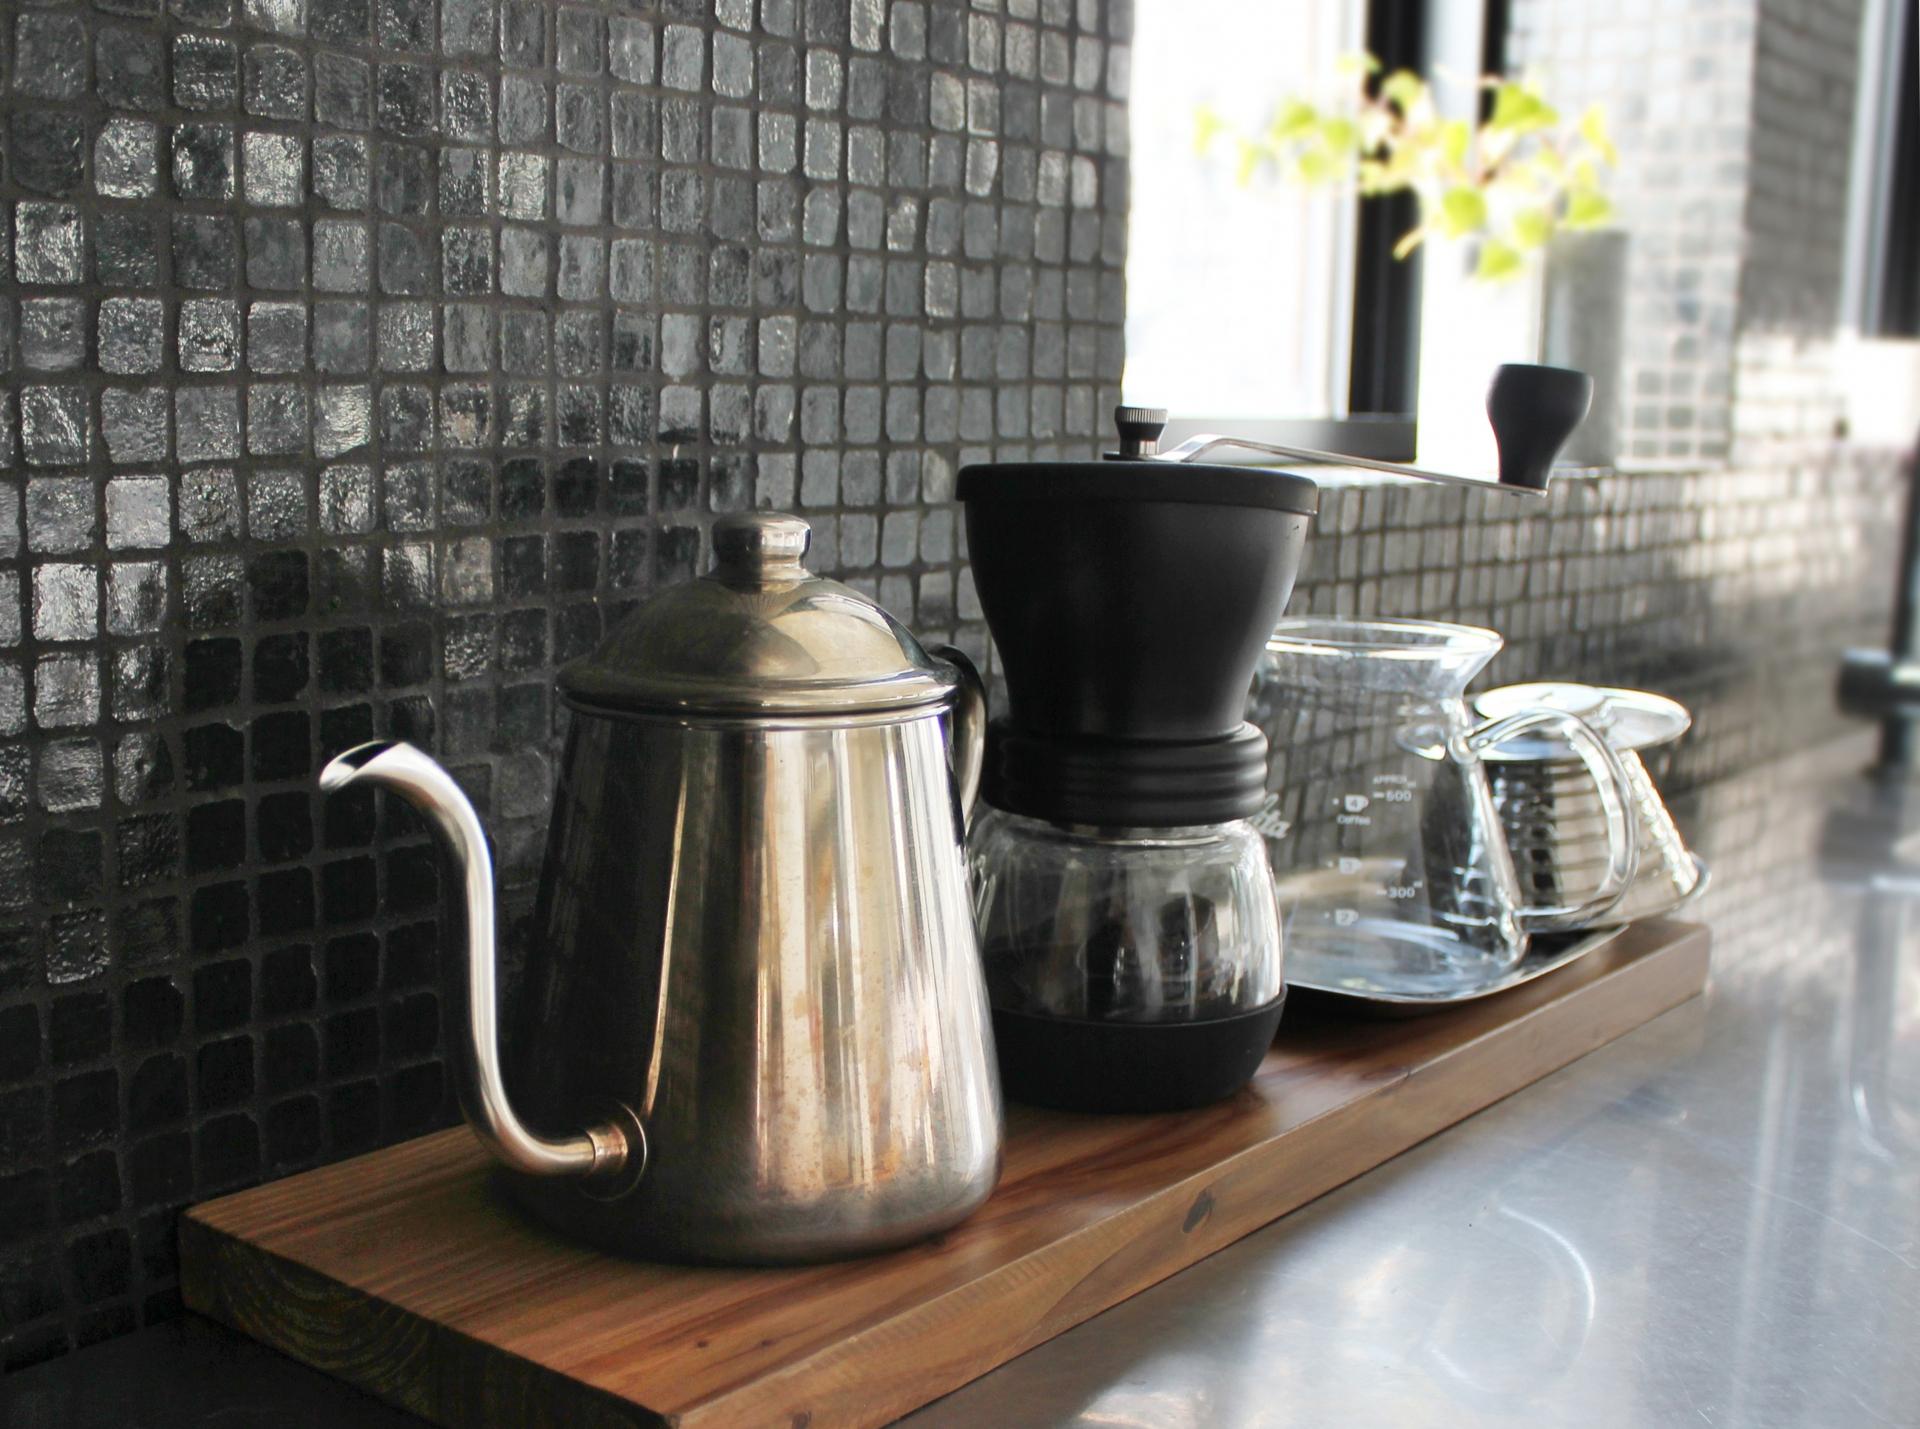 6ziは宮崎市の女子に人気のカフェ!おすすめのコーヒー・営業時間をご紹介!